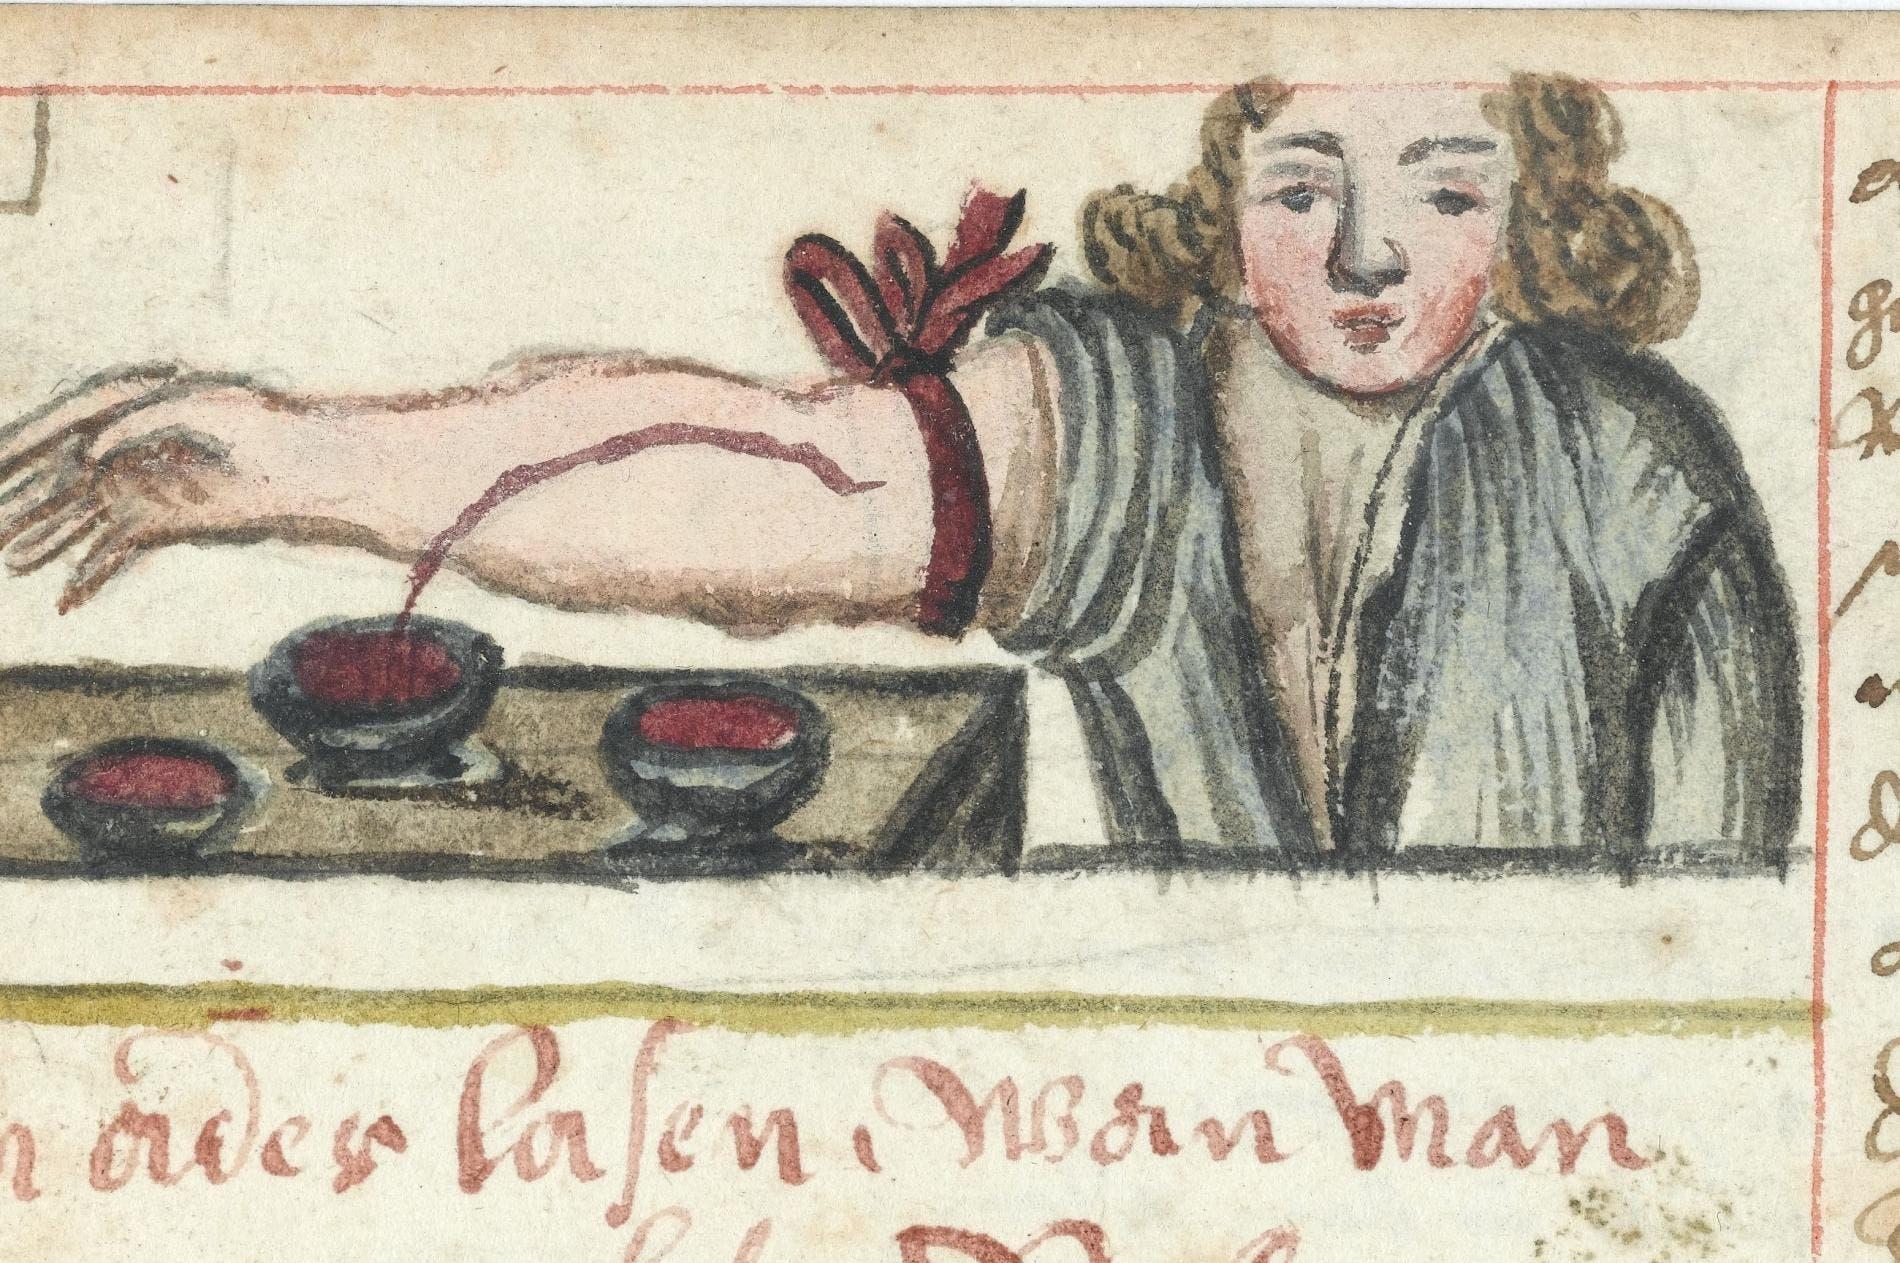 رسم تخيلي لإحدى عمليات الفصد بالعصور الوسطى